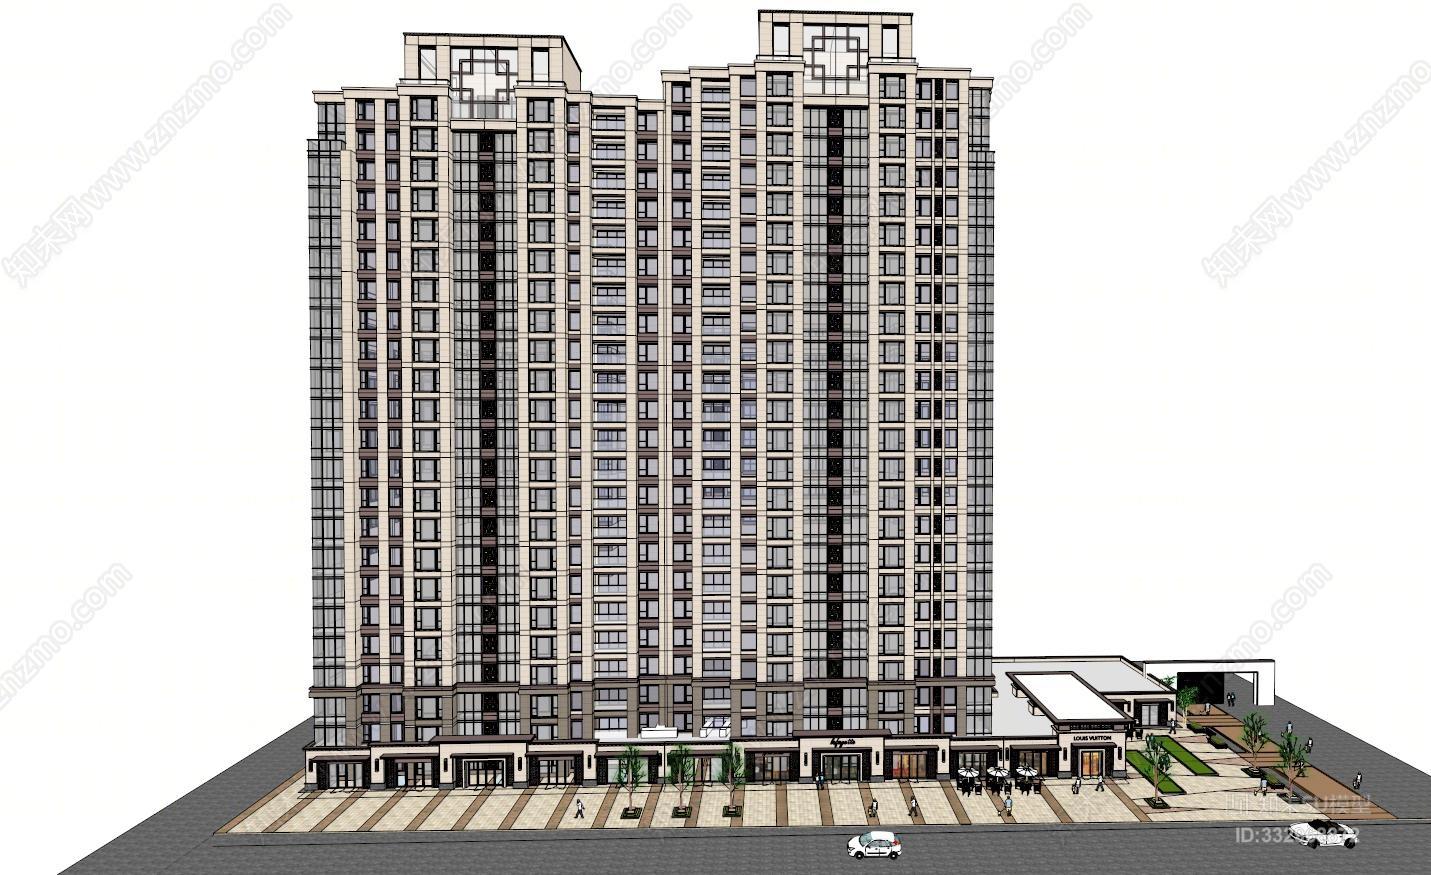 欧式风格沿街底层商业高层住宅建筑SU模型